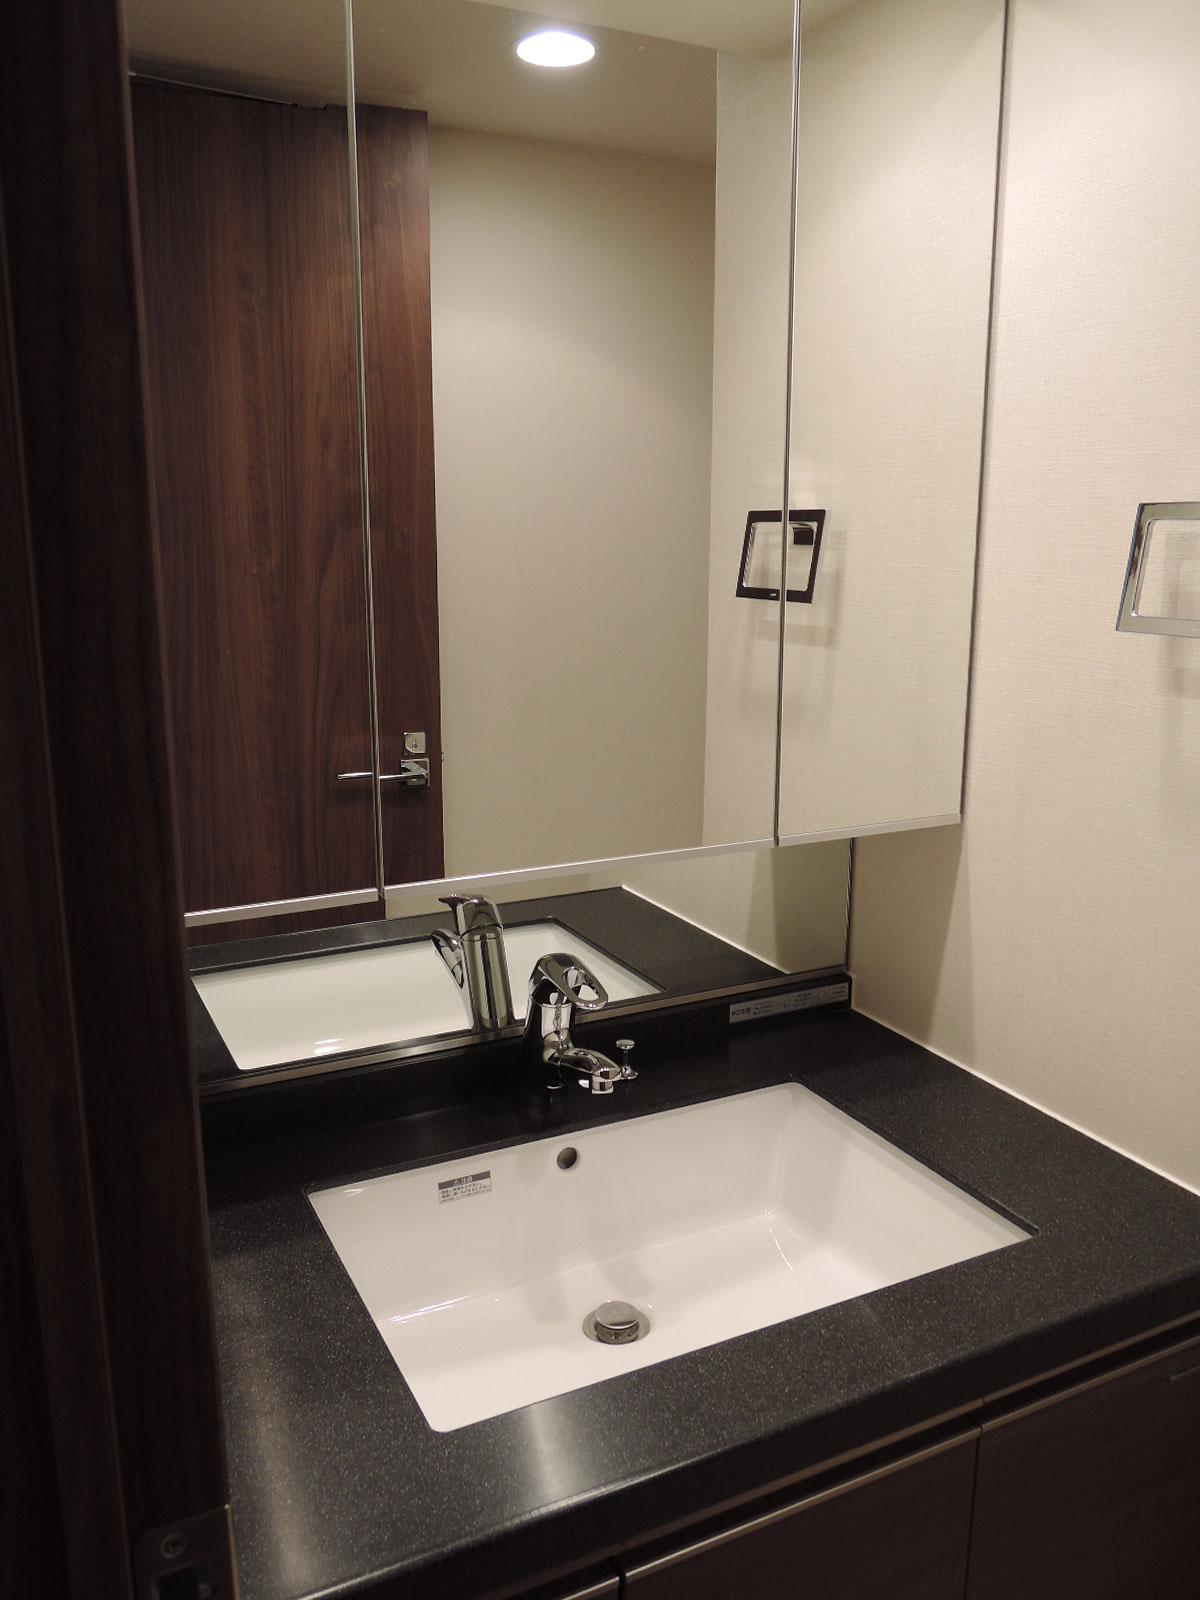 三面鏡付きの洗面台。マルチシングルレバー水栓。吐水口が引き出せます。